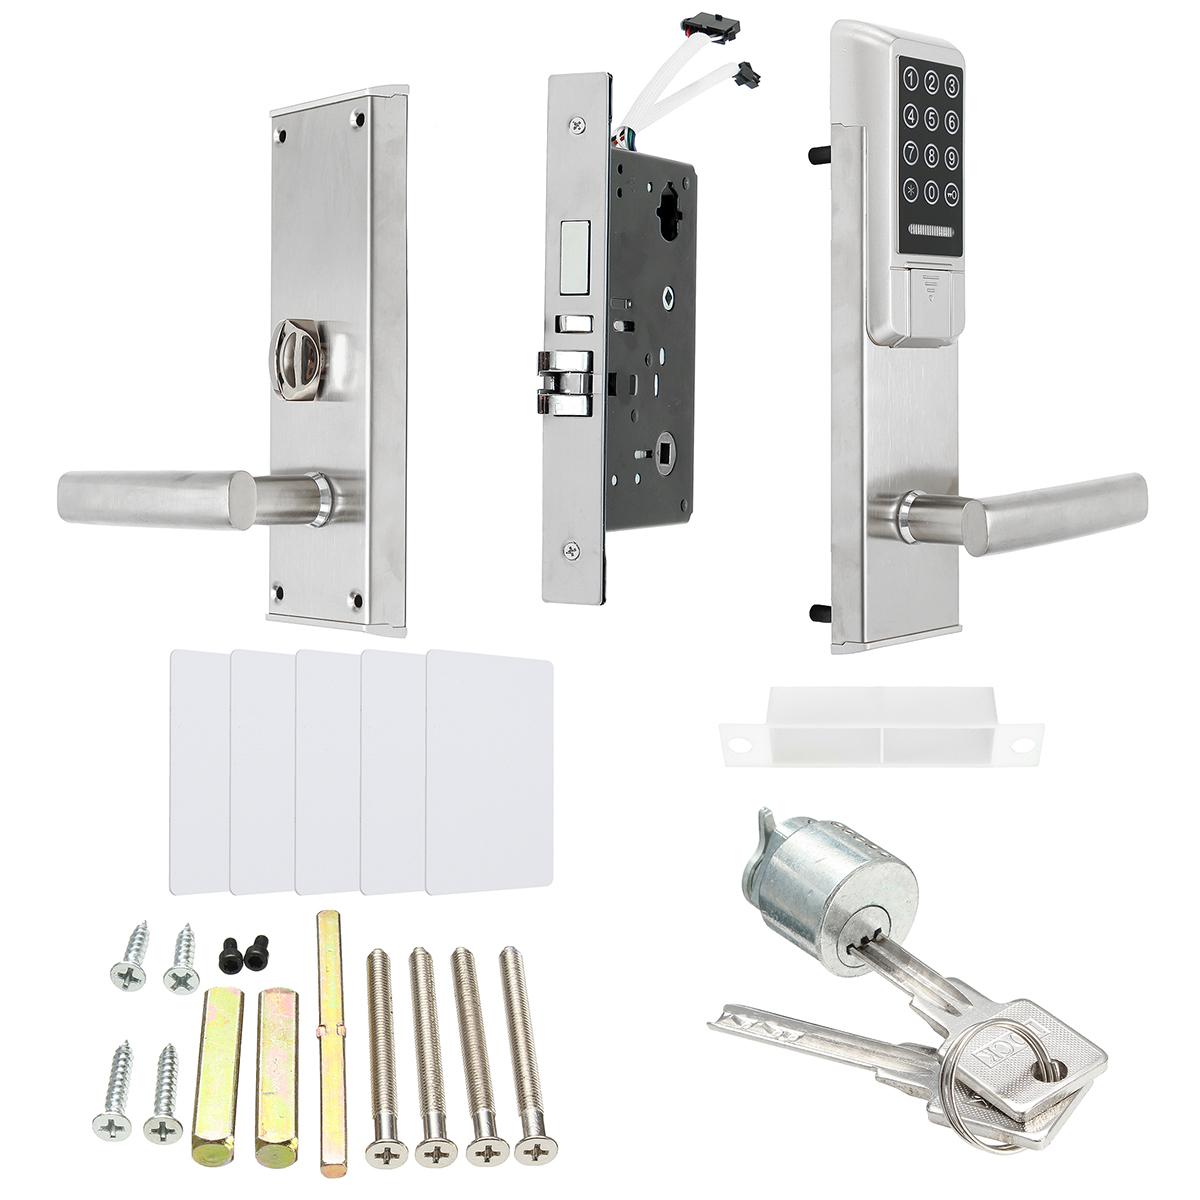 Ospon Os008c Digital Touchscreen Code Door Lock: ELECTRONIC DIGITAL SMART Password Door Lock Keypad Touch